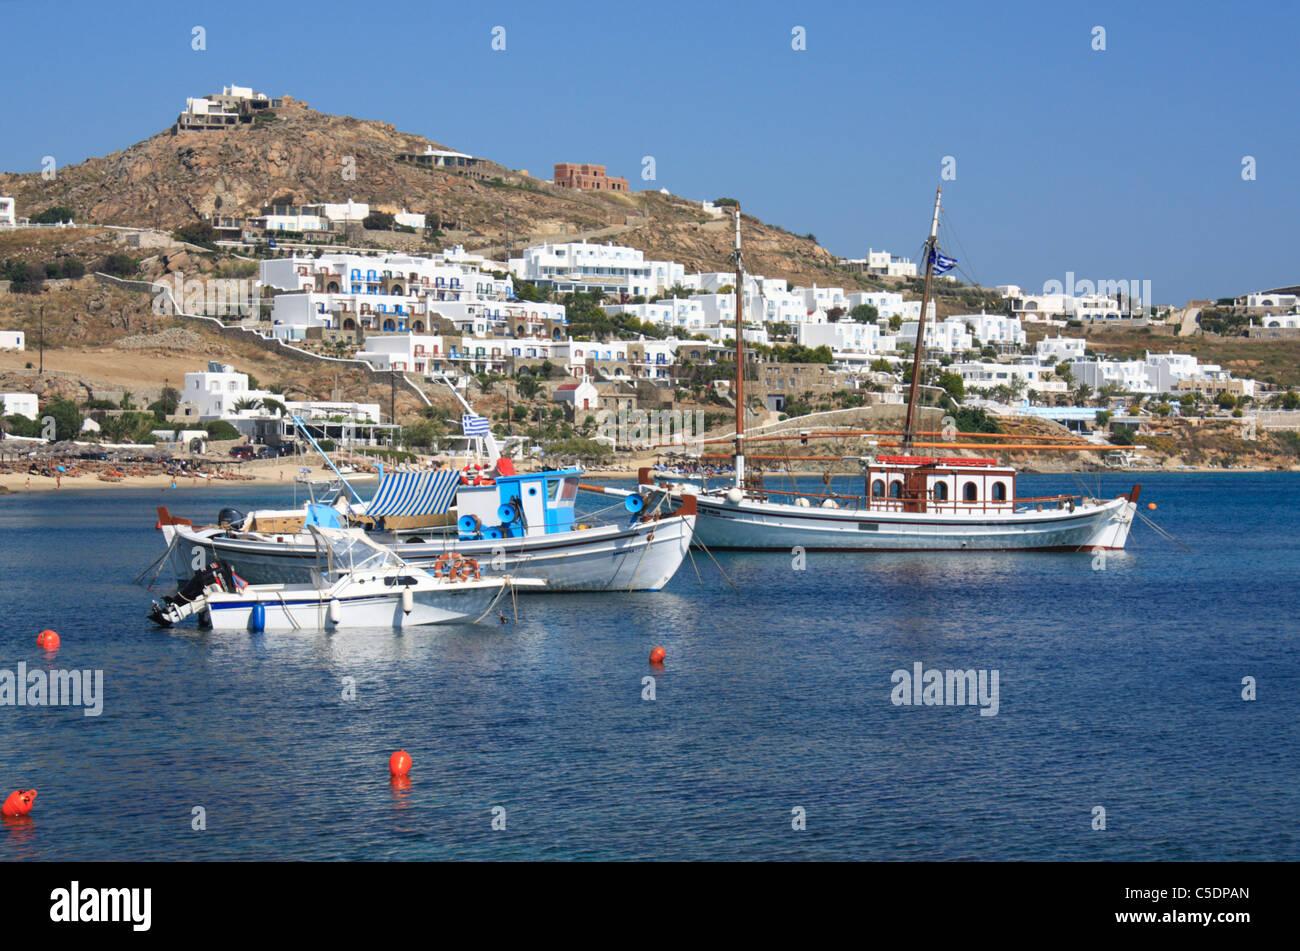 Ornos Bay griechischen Insel Mykonos Cyclades Griechenland EU Europäische Union Europa Stockfoto